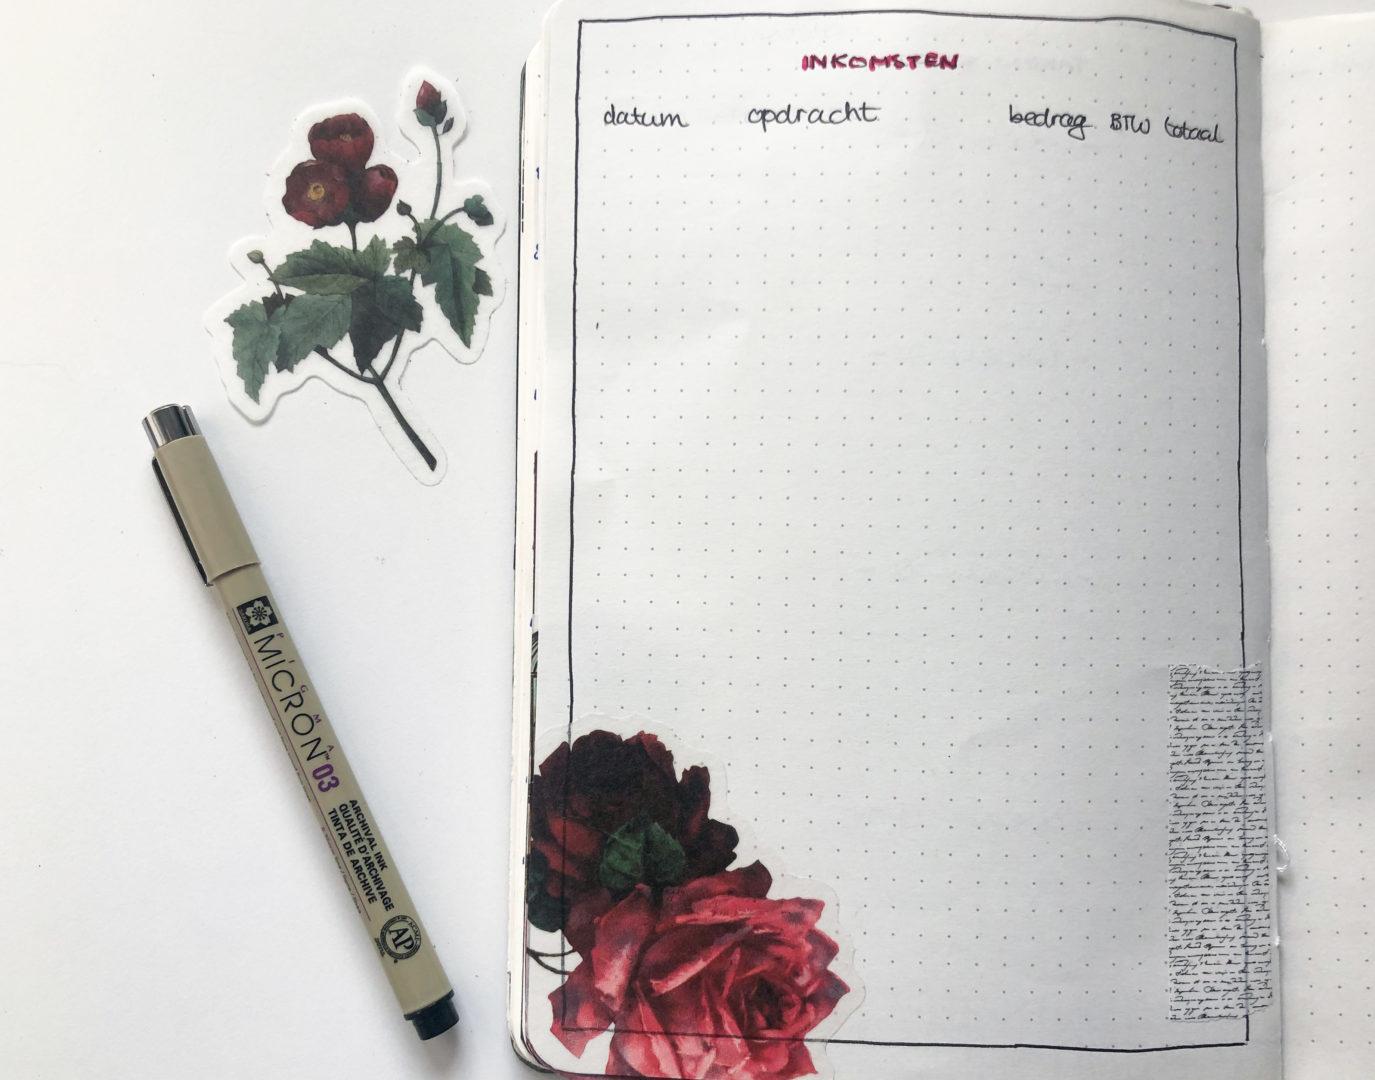 februari bullet journal inkomsten